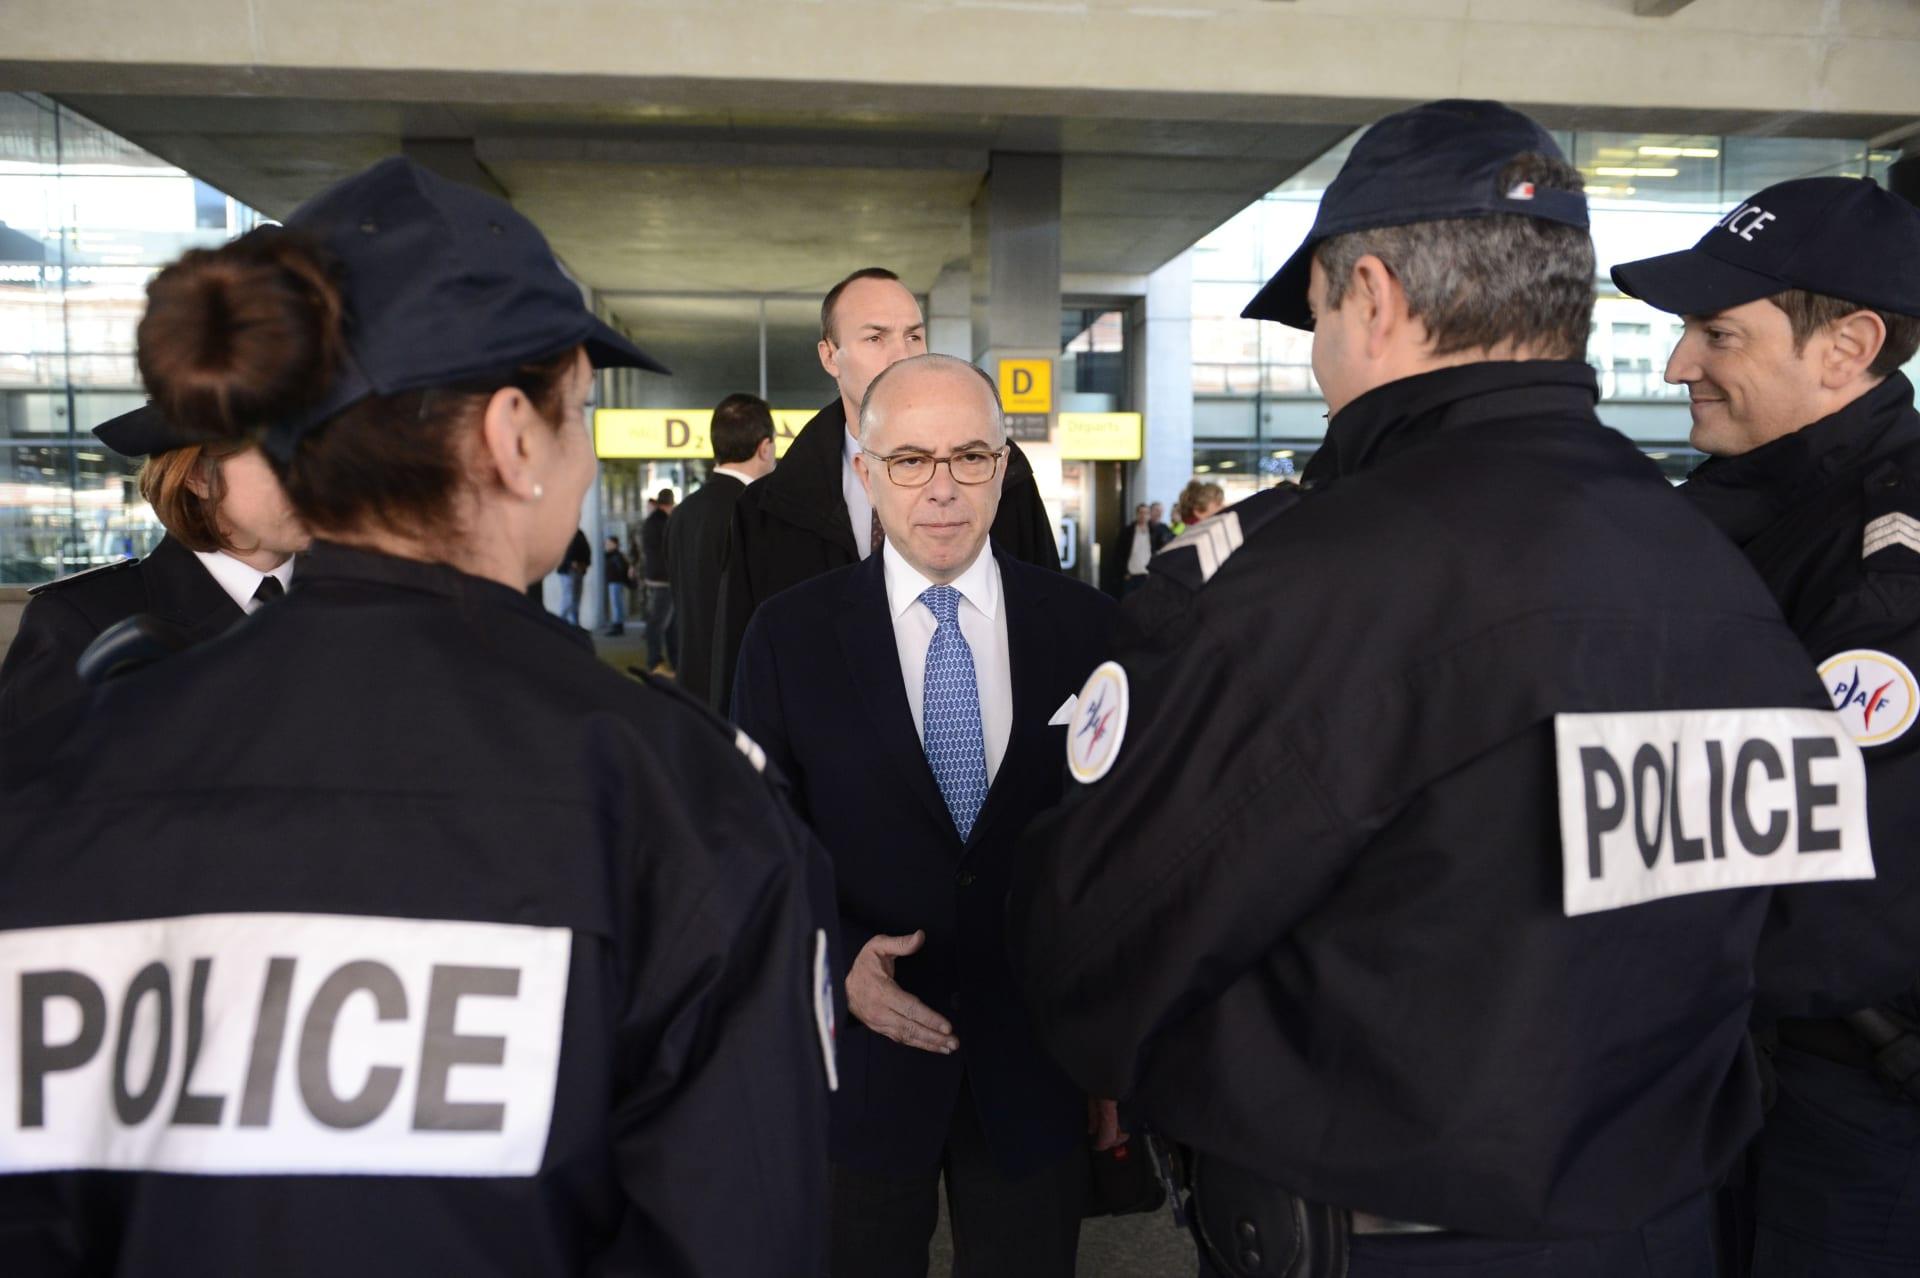 اعتقالات لمشتبه بهم في التخطيط لهجمات إرهابية في فرنسا وأستراليا